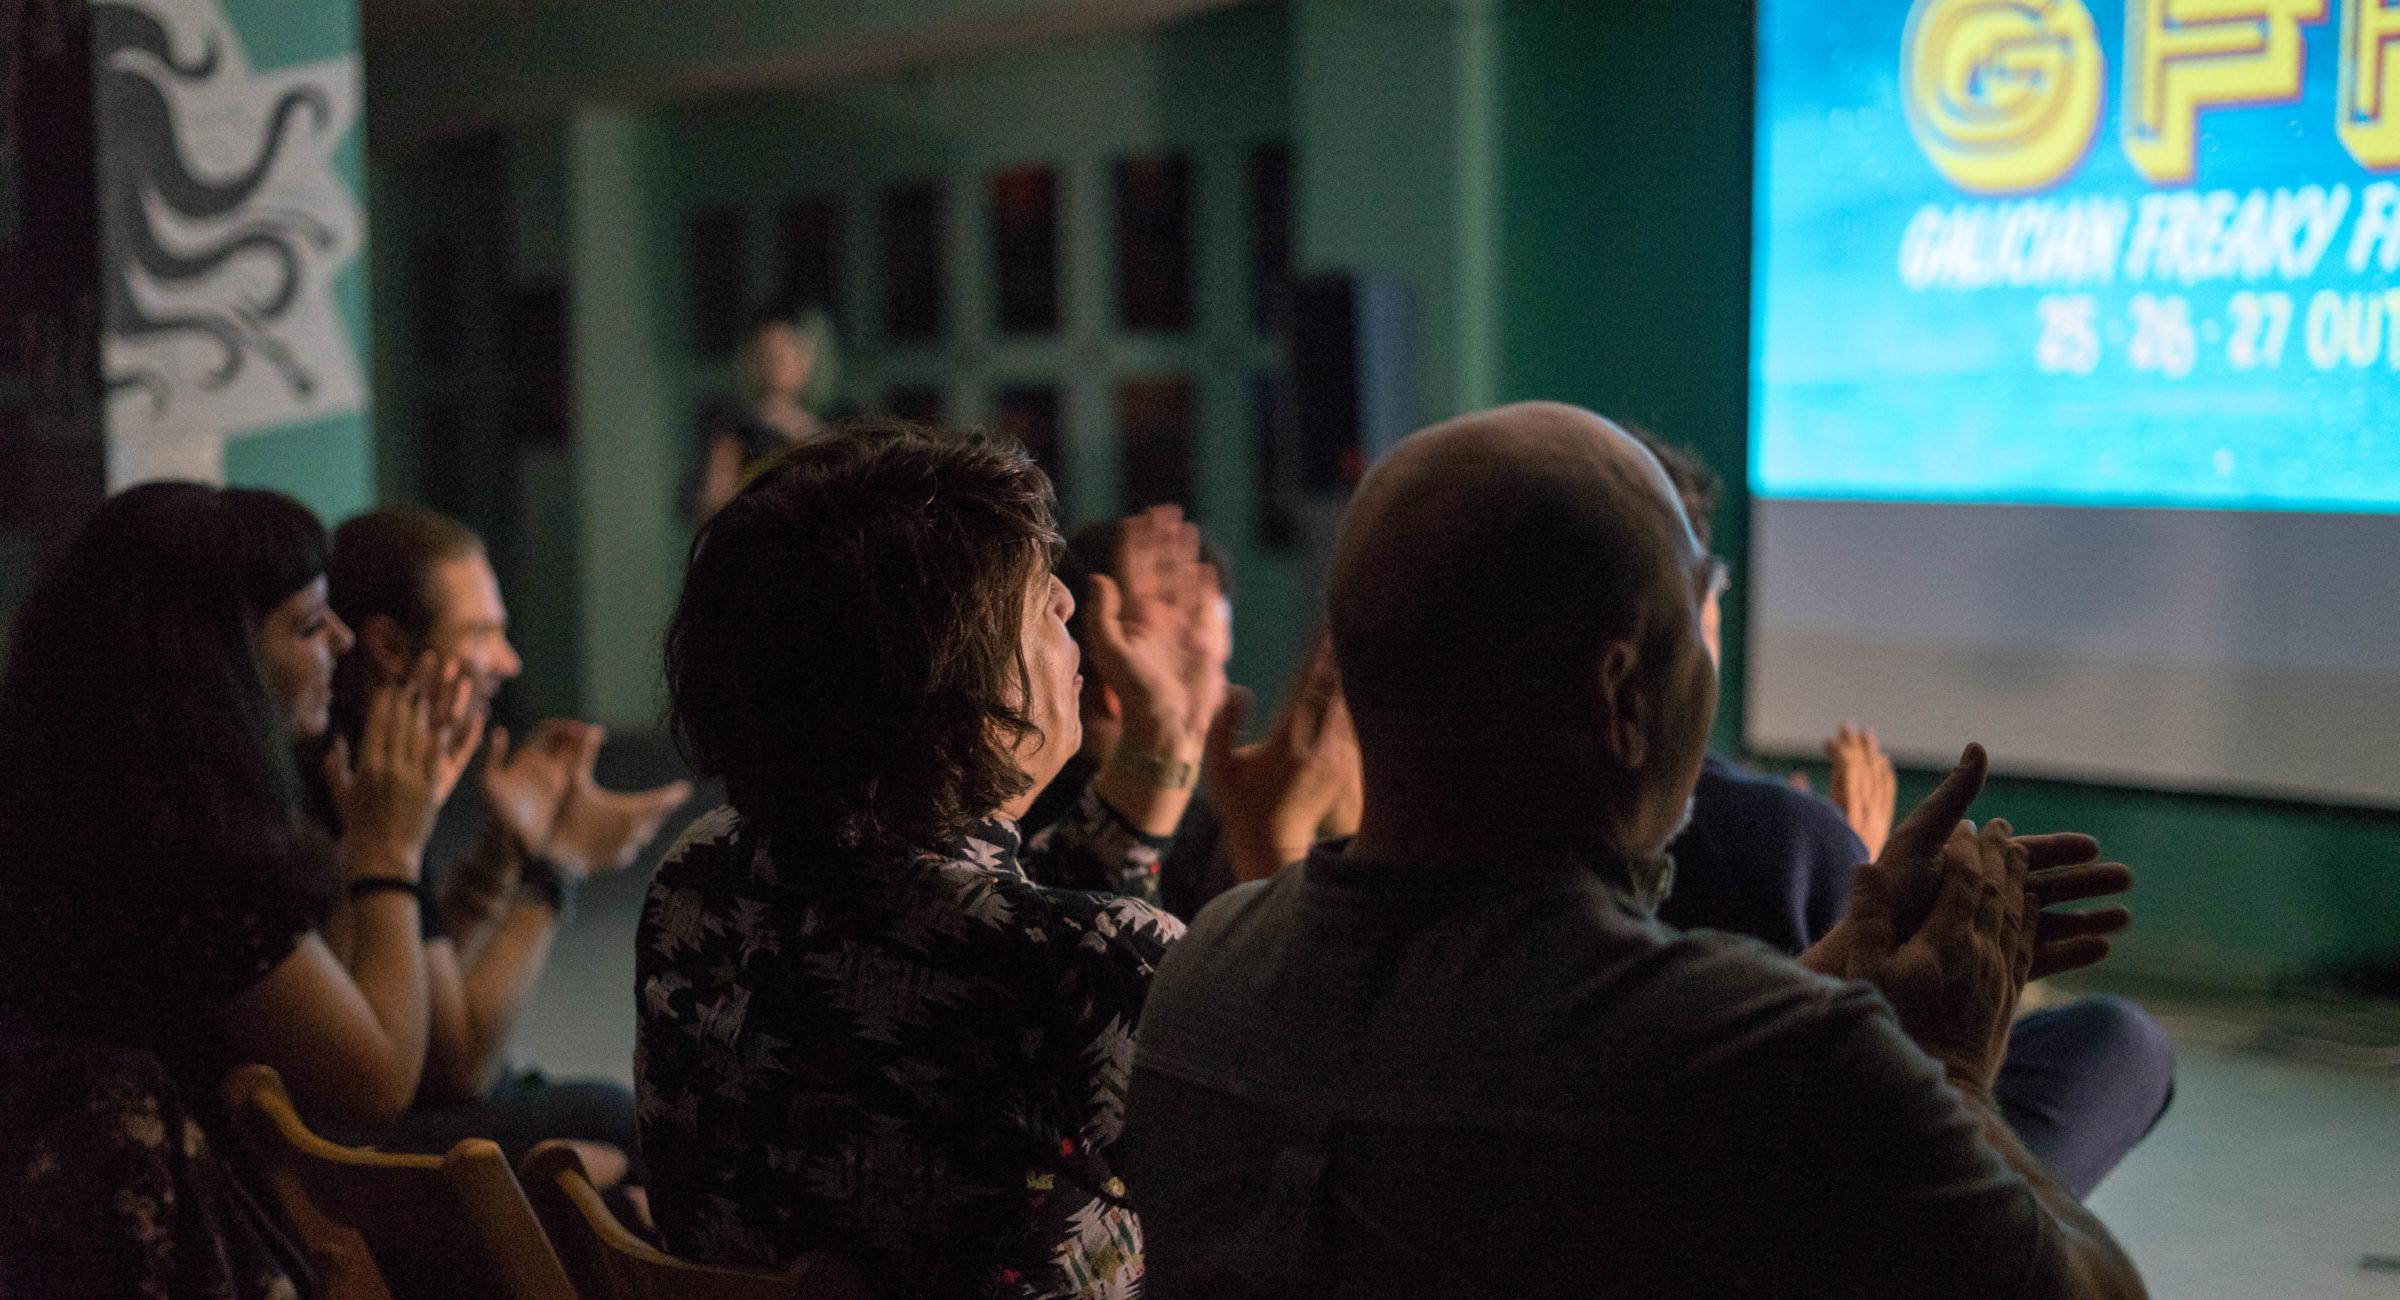 GFFF | Galician Freaky Film Festival - Festival de cine friki de Vigo | Serie B, ciencia ficción, terror, fantasía, humor, frikismo